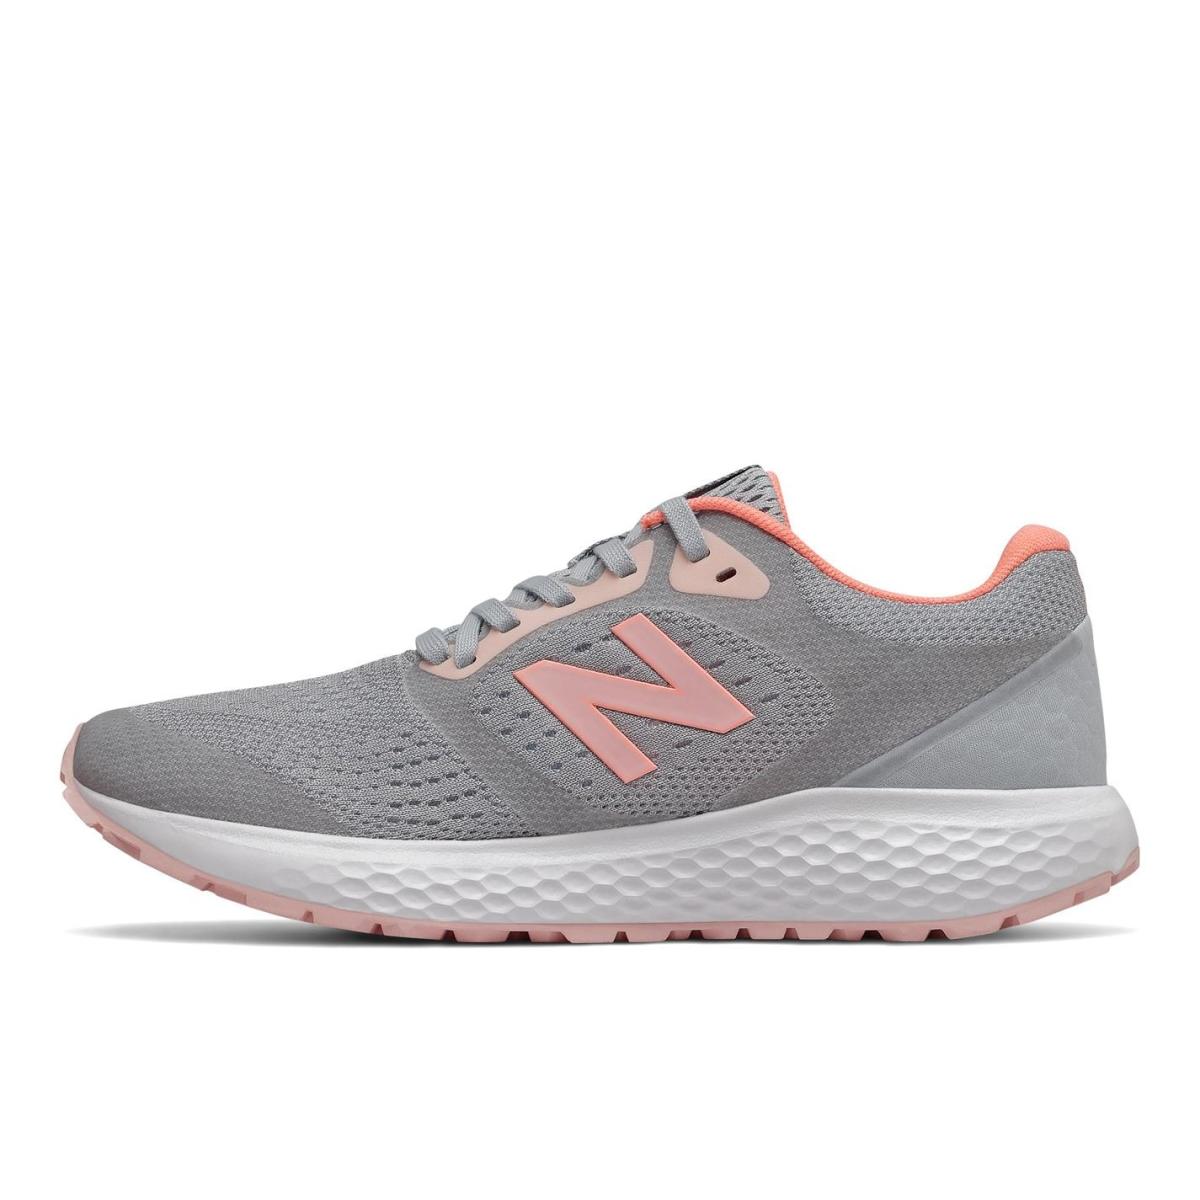 New-Balance-W520-Turnschuhe-Damen-Sneaker-Sportschuhe-Laufschuhe-1161 Indexbild 9